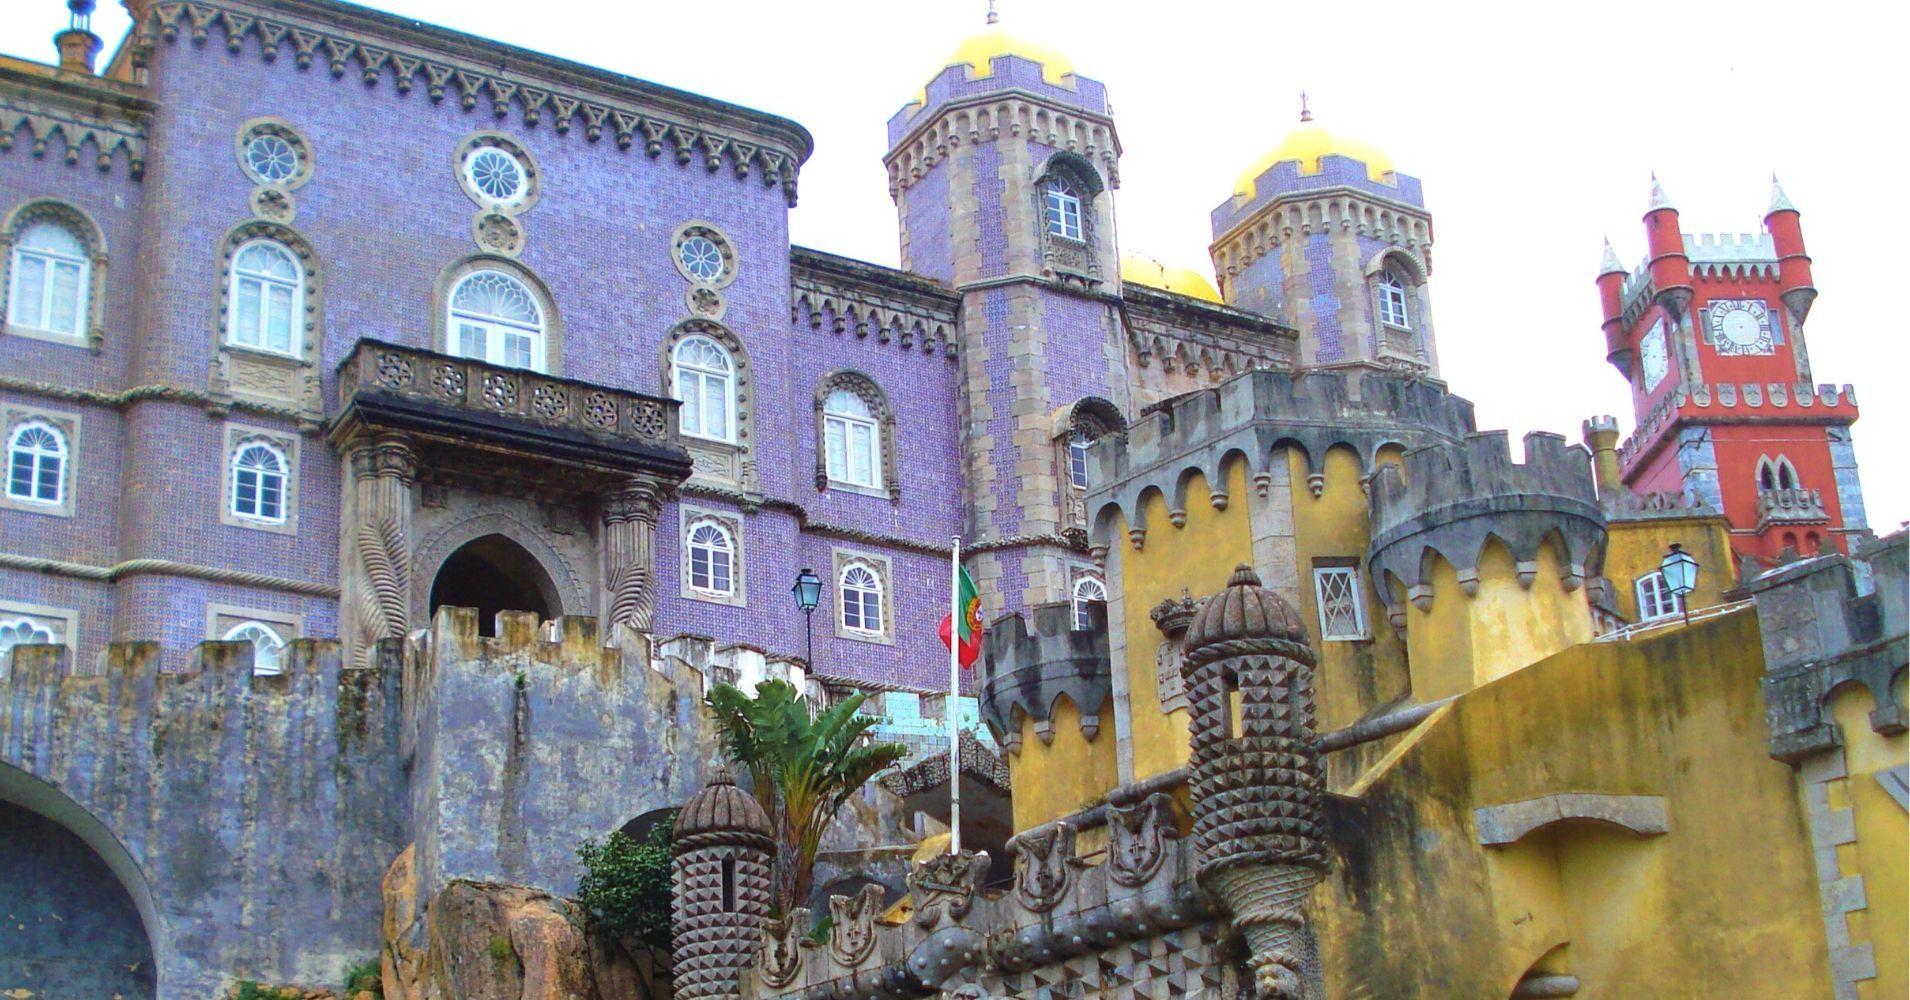 El Palacio da Pena. Sintra, Portugal.